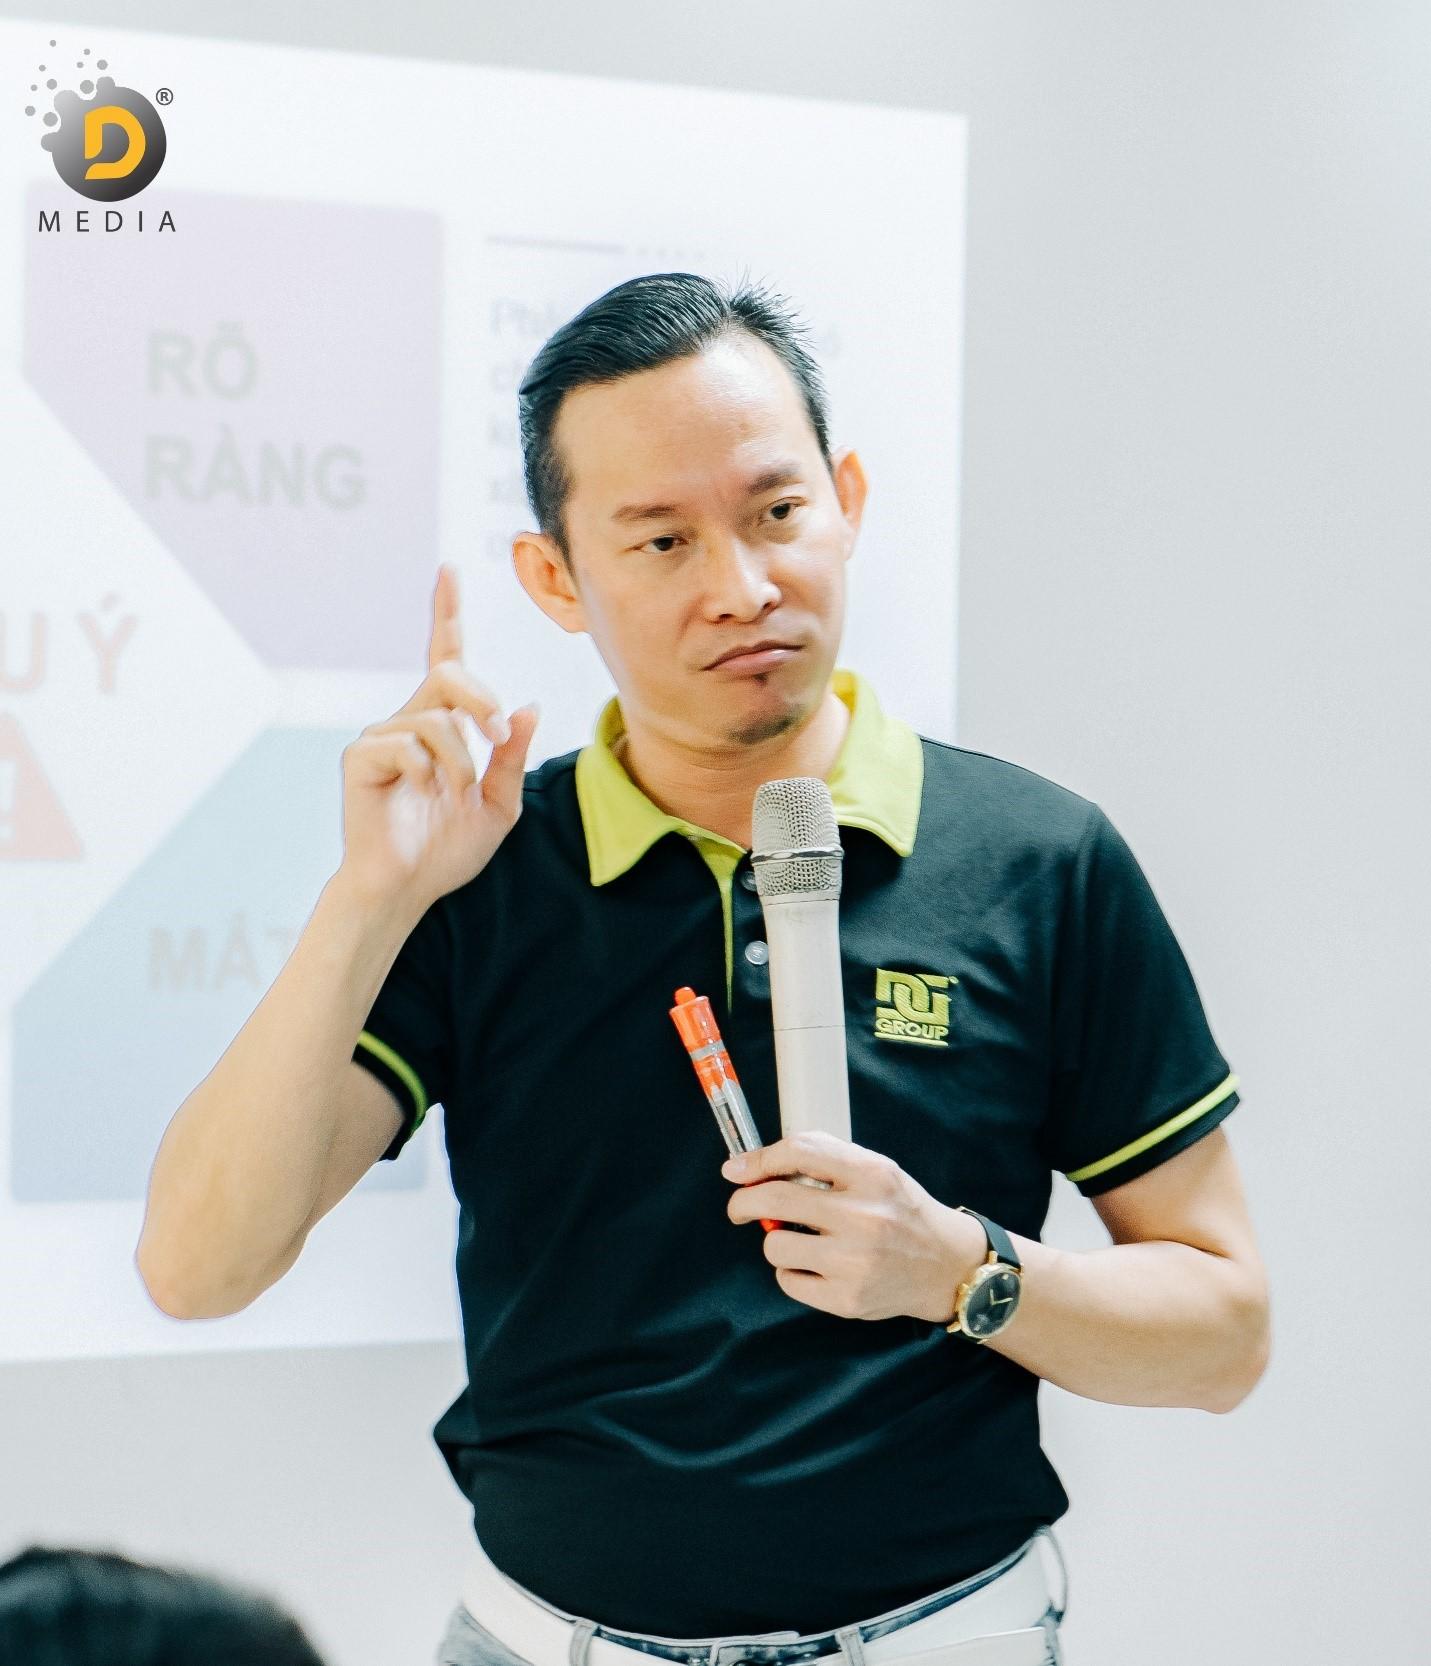 Doanh nhân Hồ Huỳnh Duy và tâm huyết với câu chuyện xây dựng văn hóa doanh nghiệp